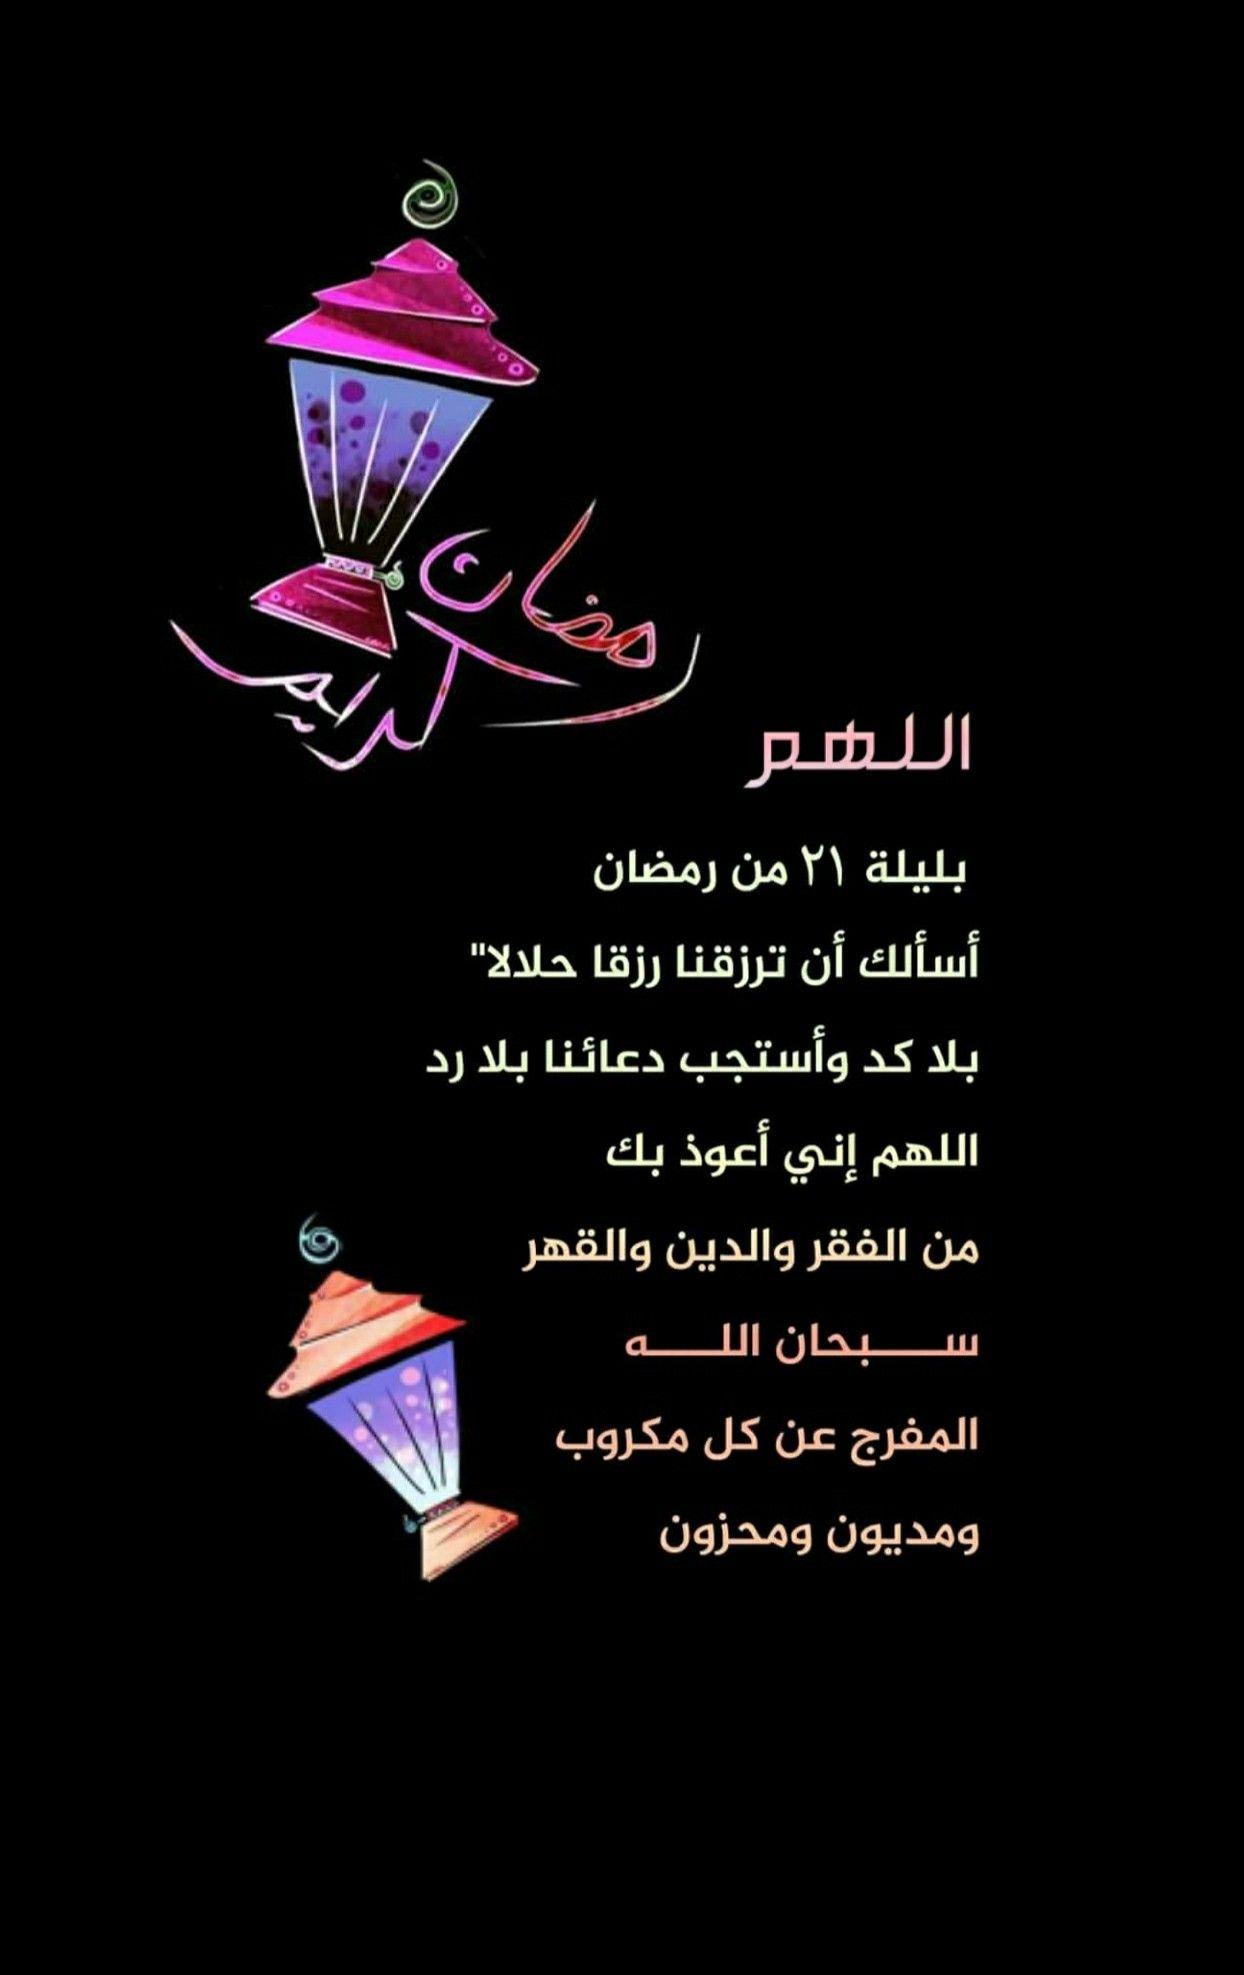 اللهــــم بليلة ٢١ من رمضان أسألك أن ترزقنا رزقا حلالا بلا كد وأستجب دعائنا بلا رد اللهم إني أعوذ بك من Ramadan Cards Ramadan Greetings Ramadan Printables